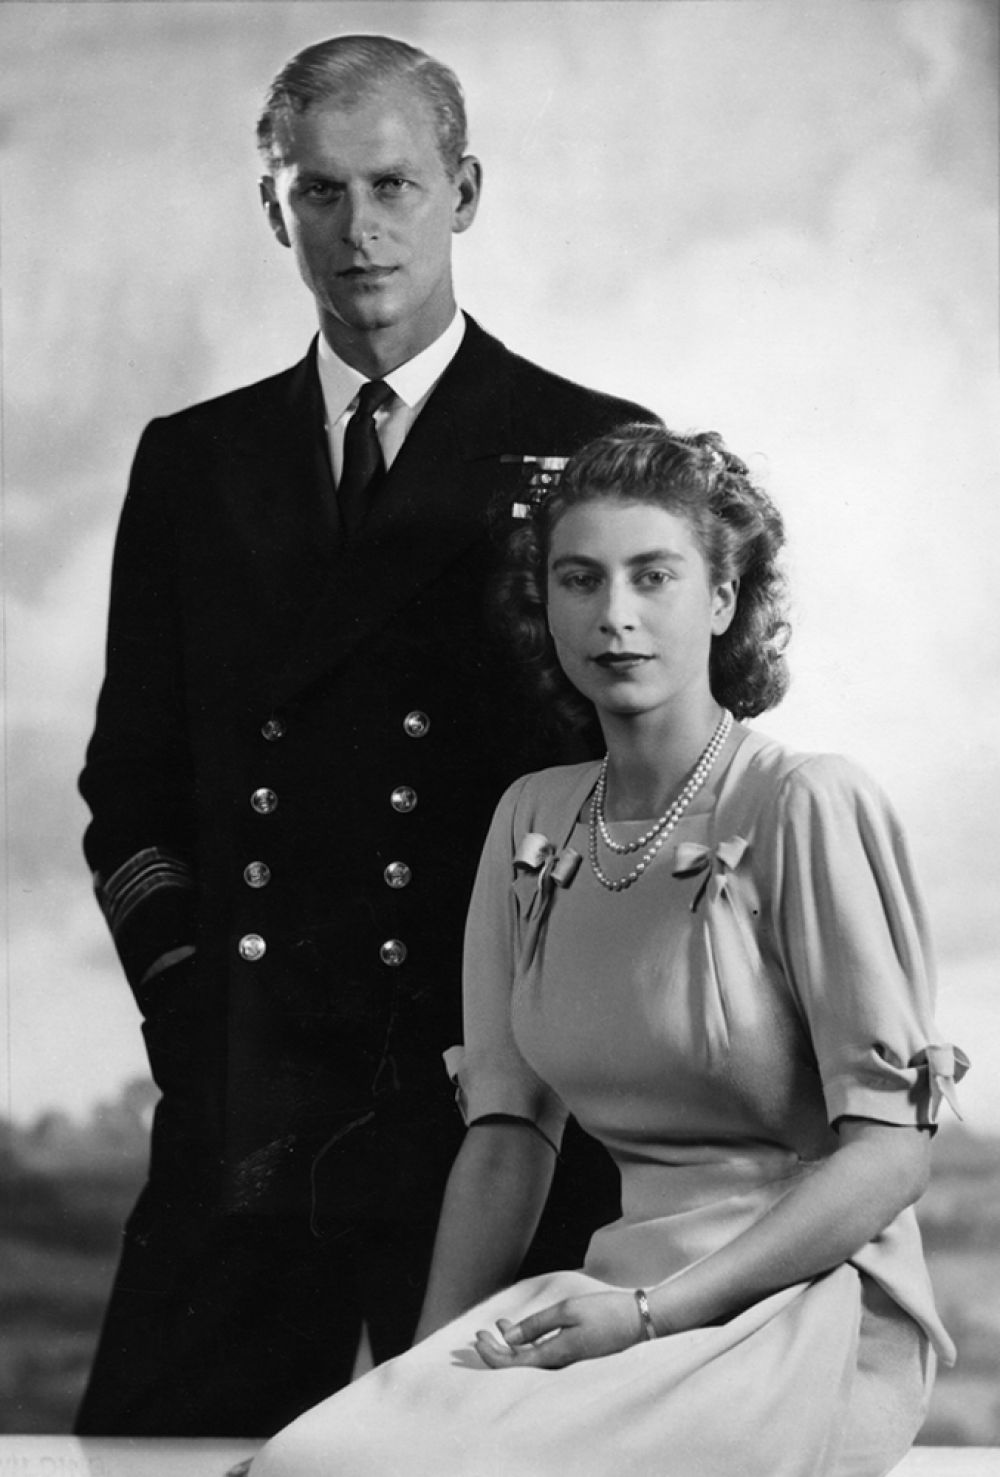 20 ноября 1947 года Елизавета вышла замуж за своего дальнего родственника, являющегося, как и она, праправнуком королевы Виктории — принца Филиппа Маунтбеттена, сына греческого принца Андрея, который тогда был офицером британского флота. Она познакомилась с ним в 13 лет, когда Филипп был еще кадетом Дортмутского военно-морского училища. Став ее супругом, Филипп получил титул герцога Эдинбургского.